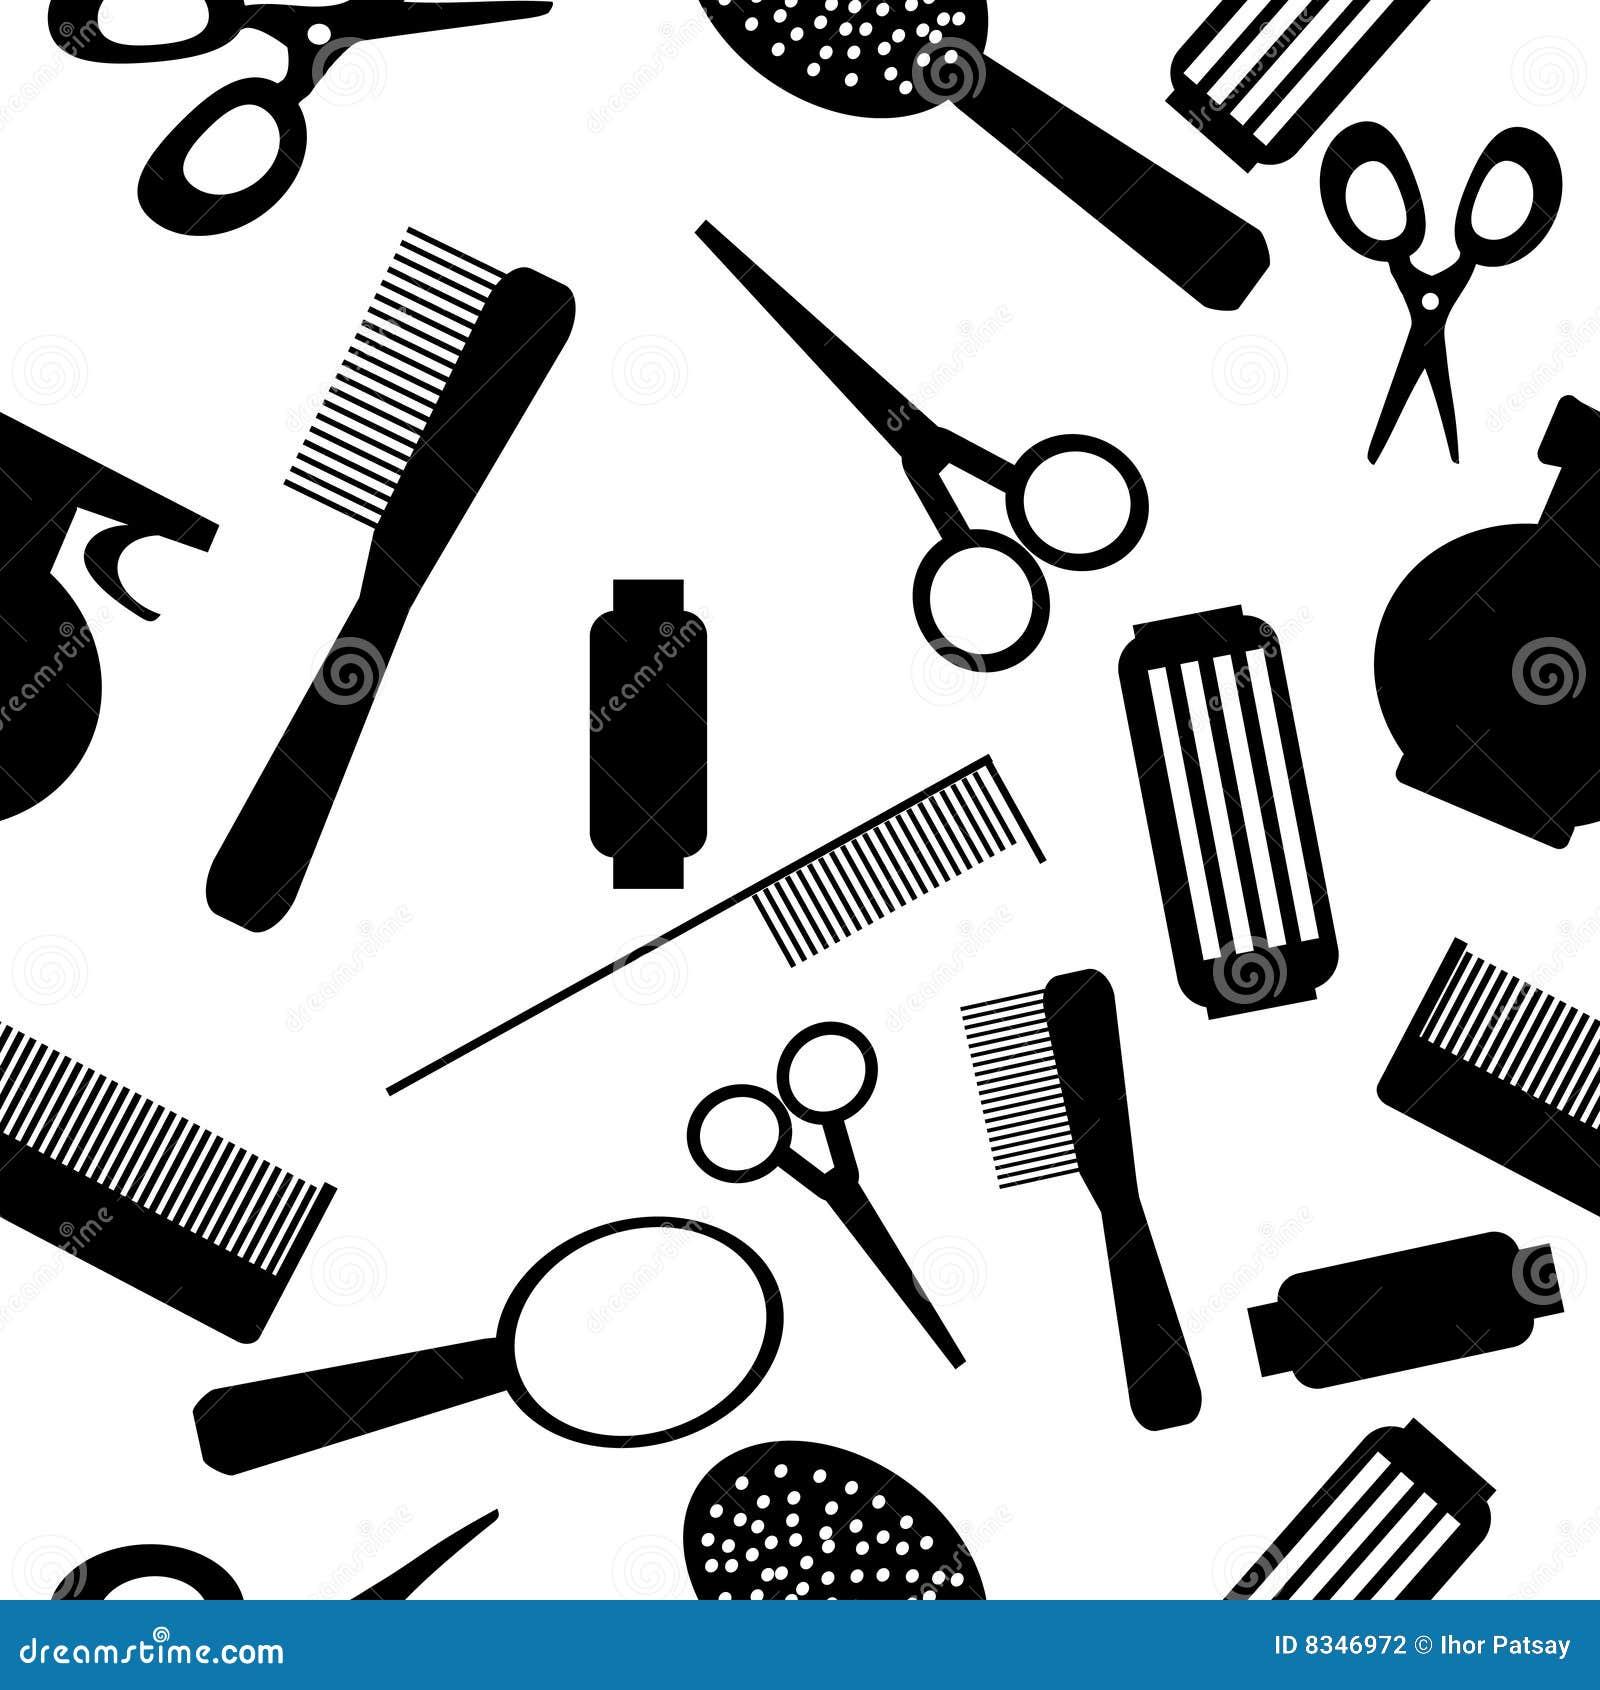 Seamless beauty salon pattern